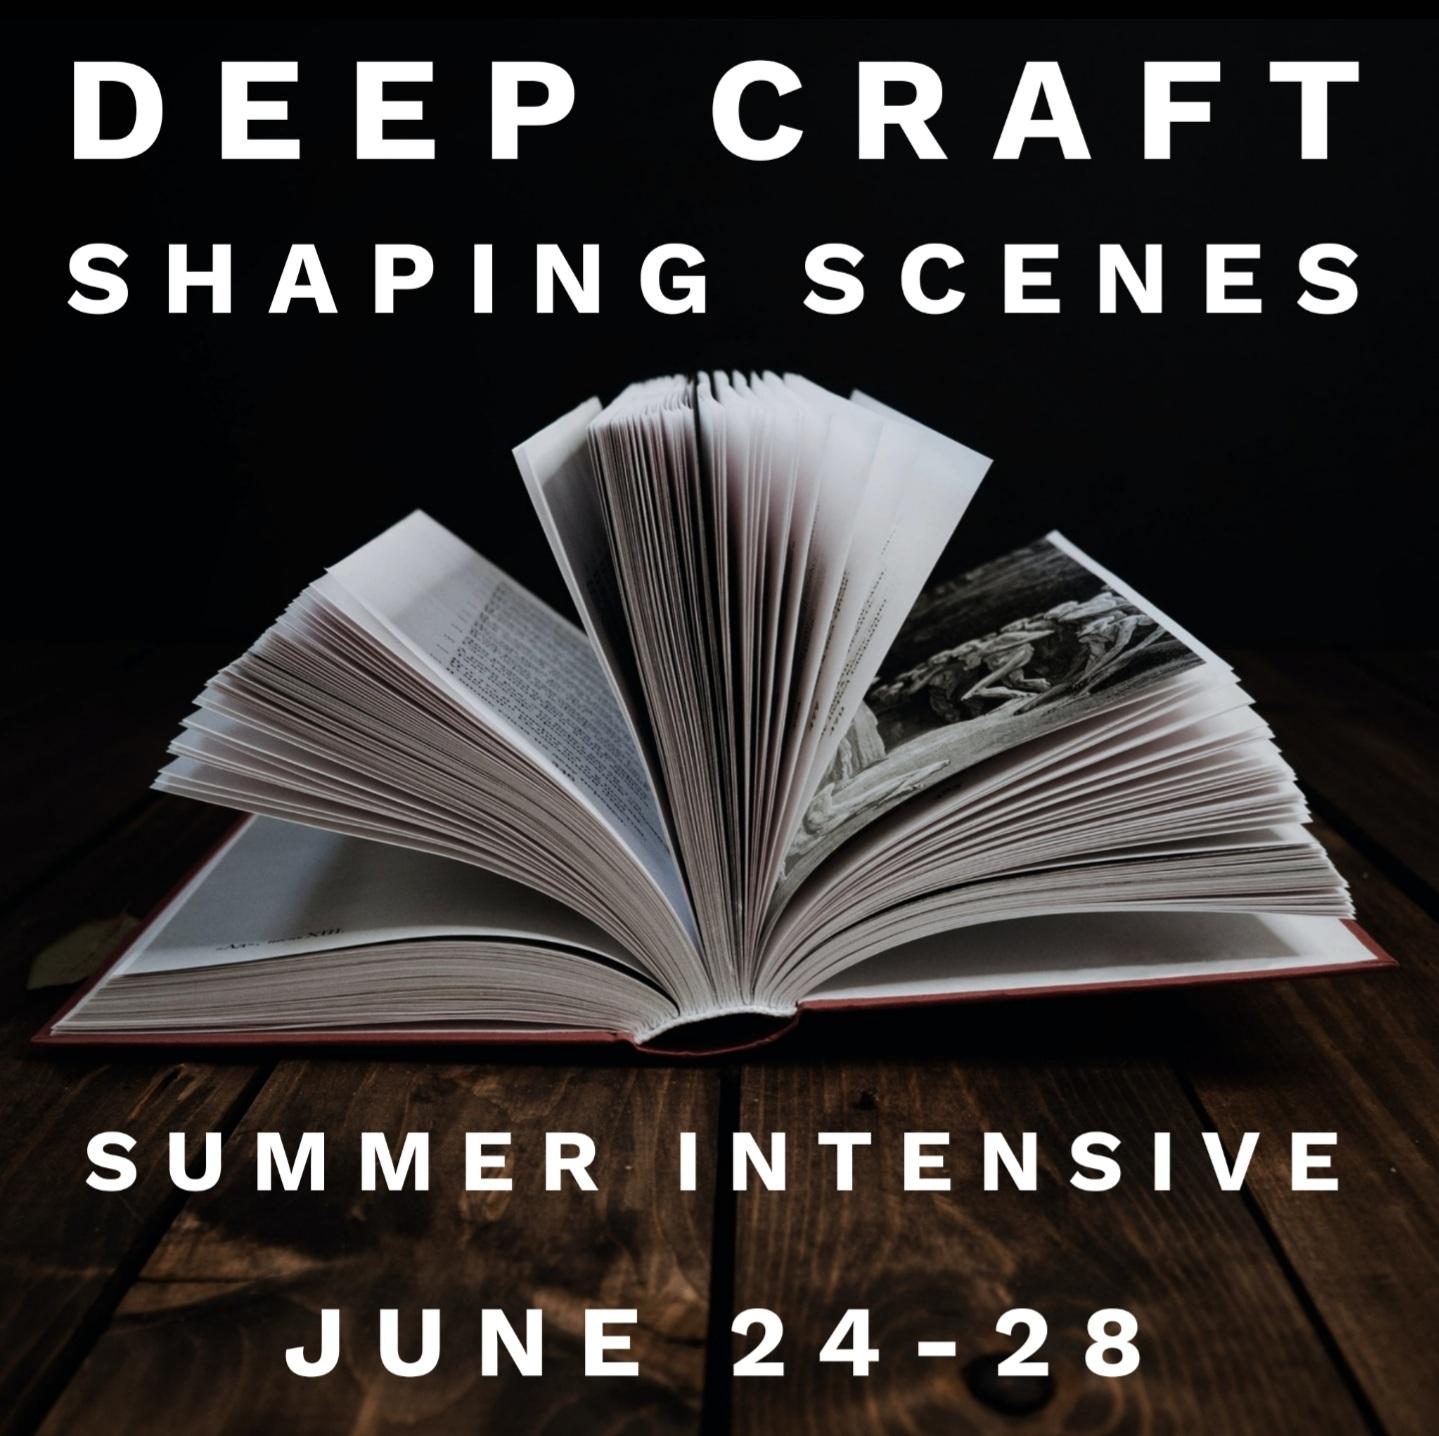 Deep Craft Summer Intensive Image